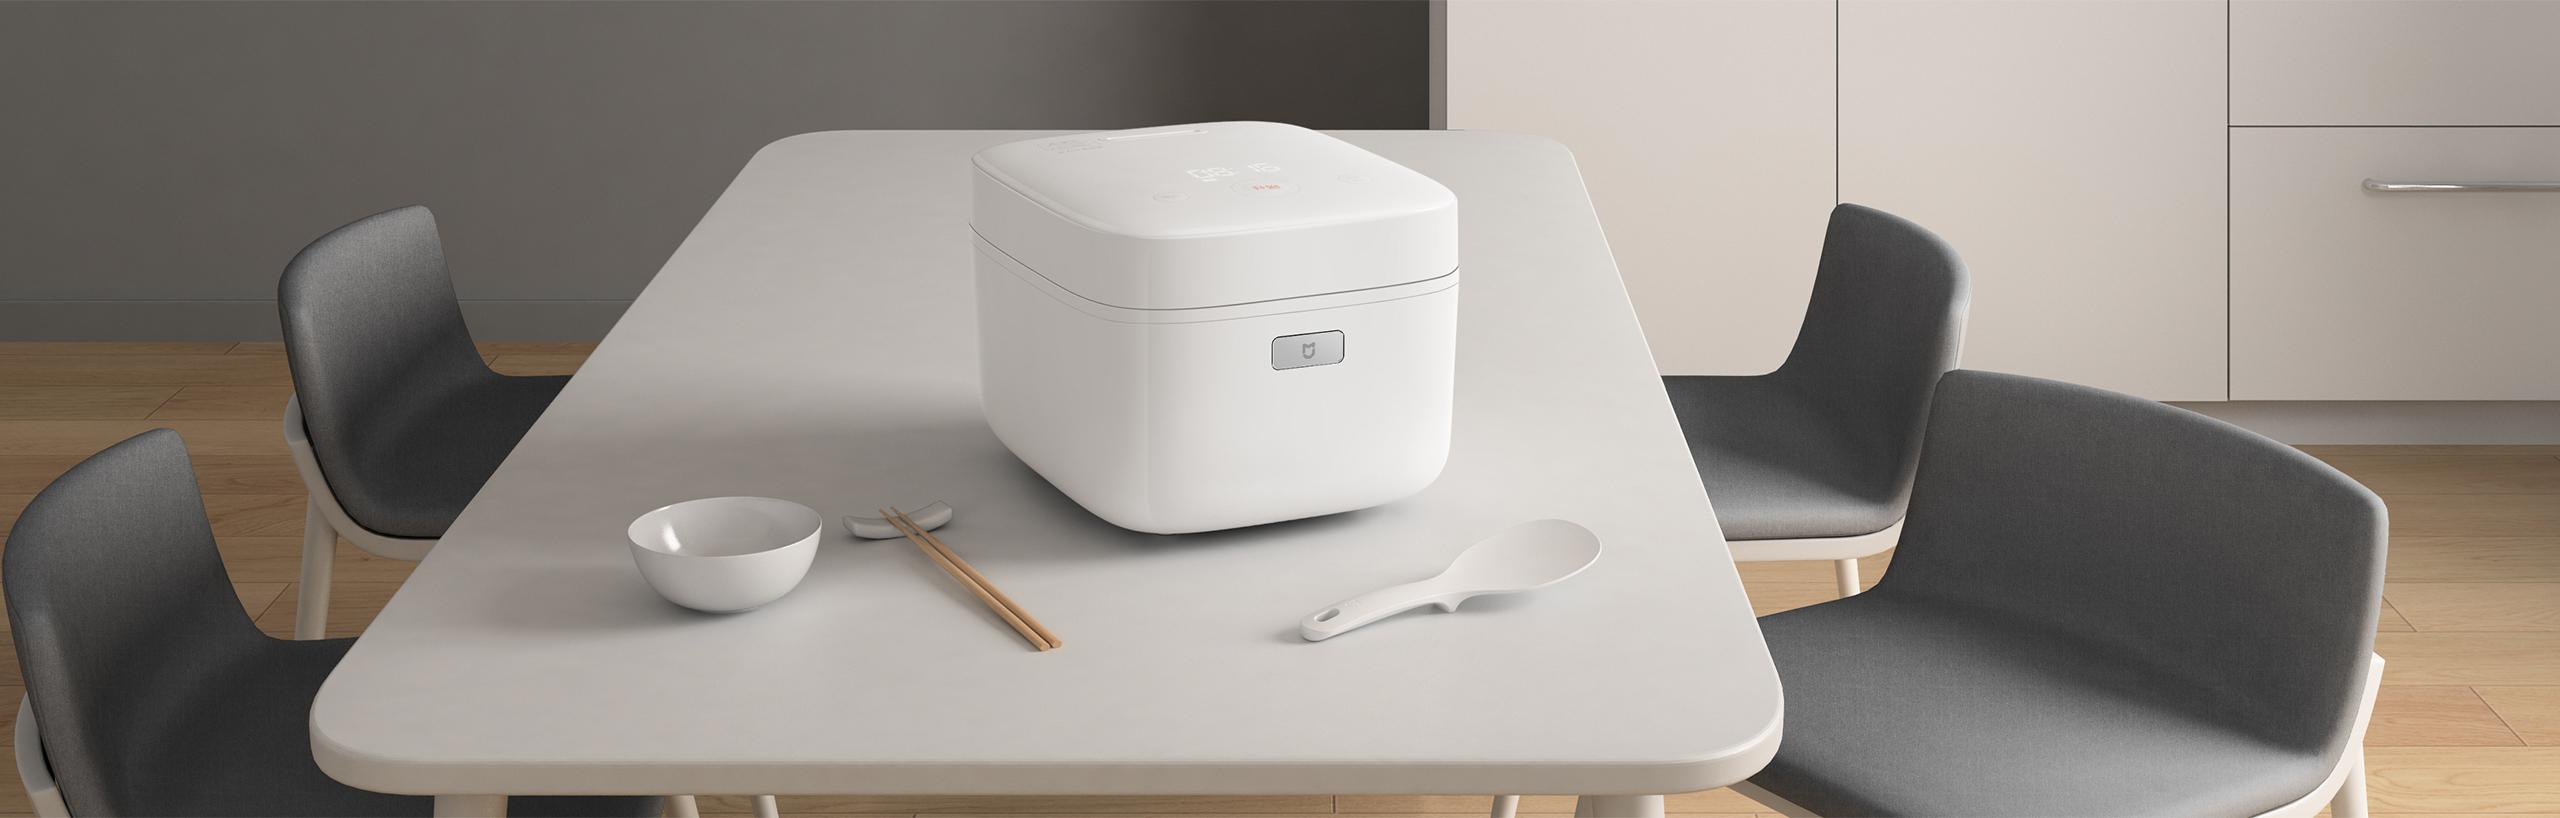 خرید و مشخصات فنی پلوپز هوشمند شیائومی مدل IH heating YLIH01CM